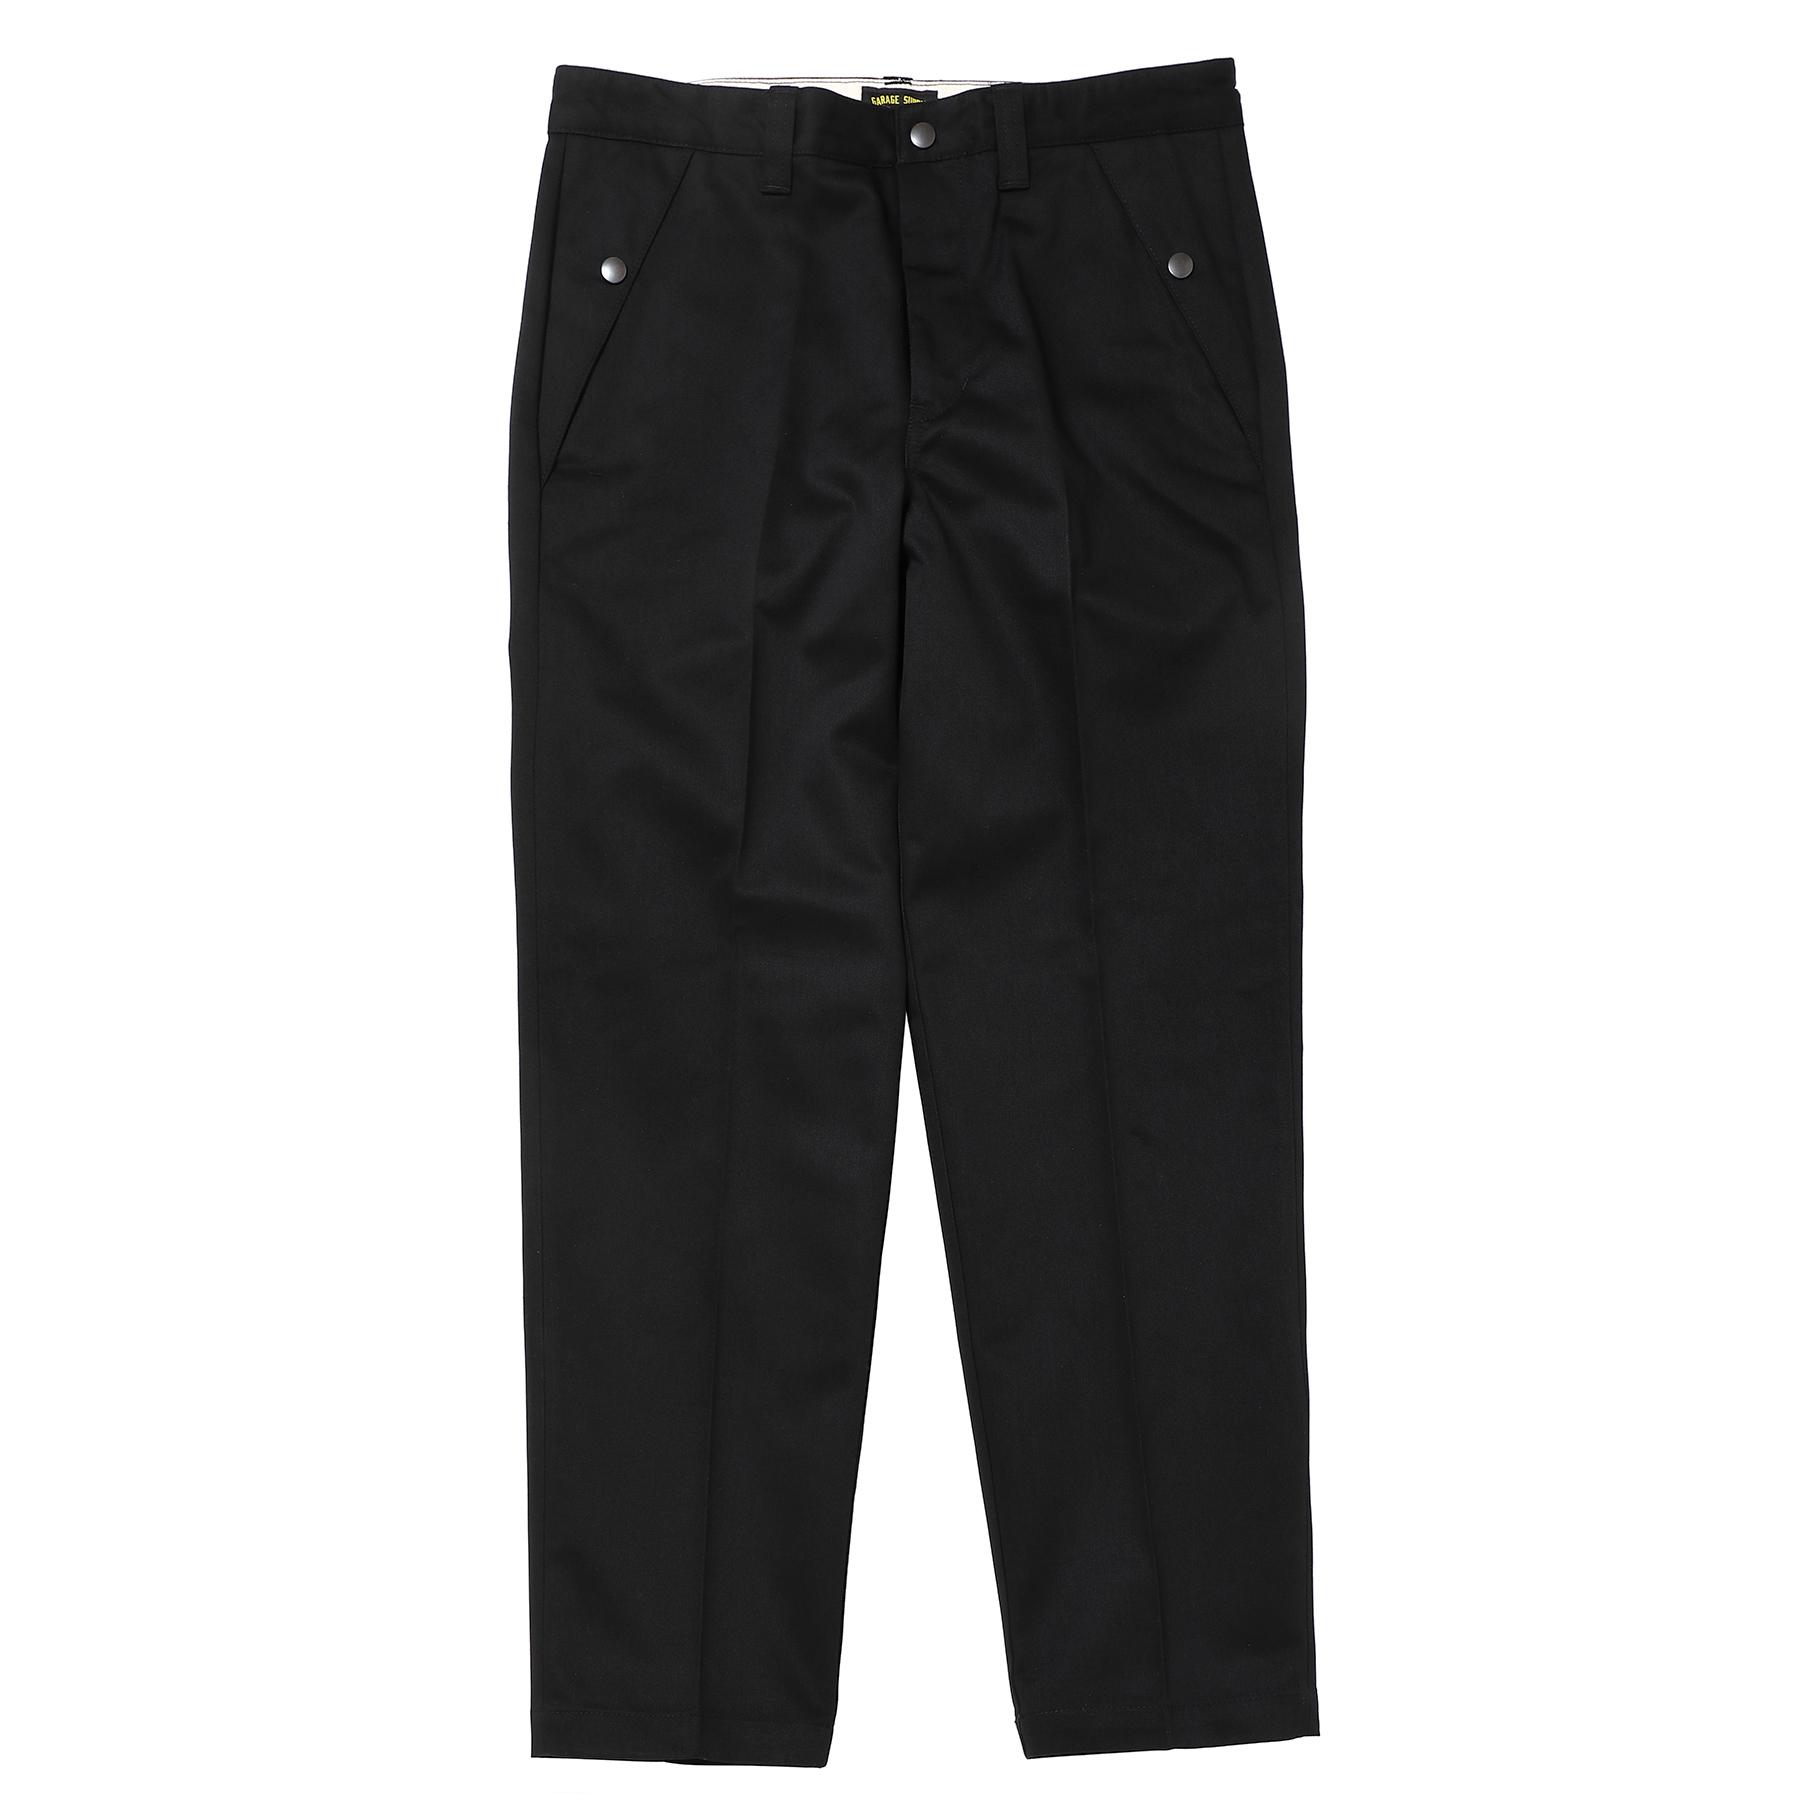 STANDARD WORK PANTS/BLACK